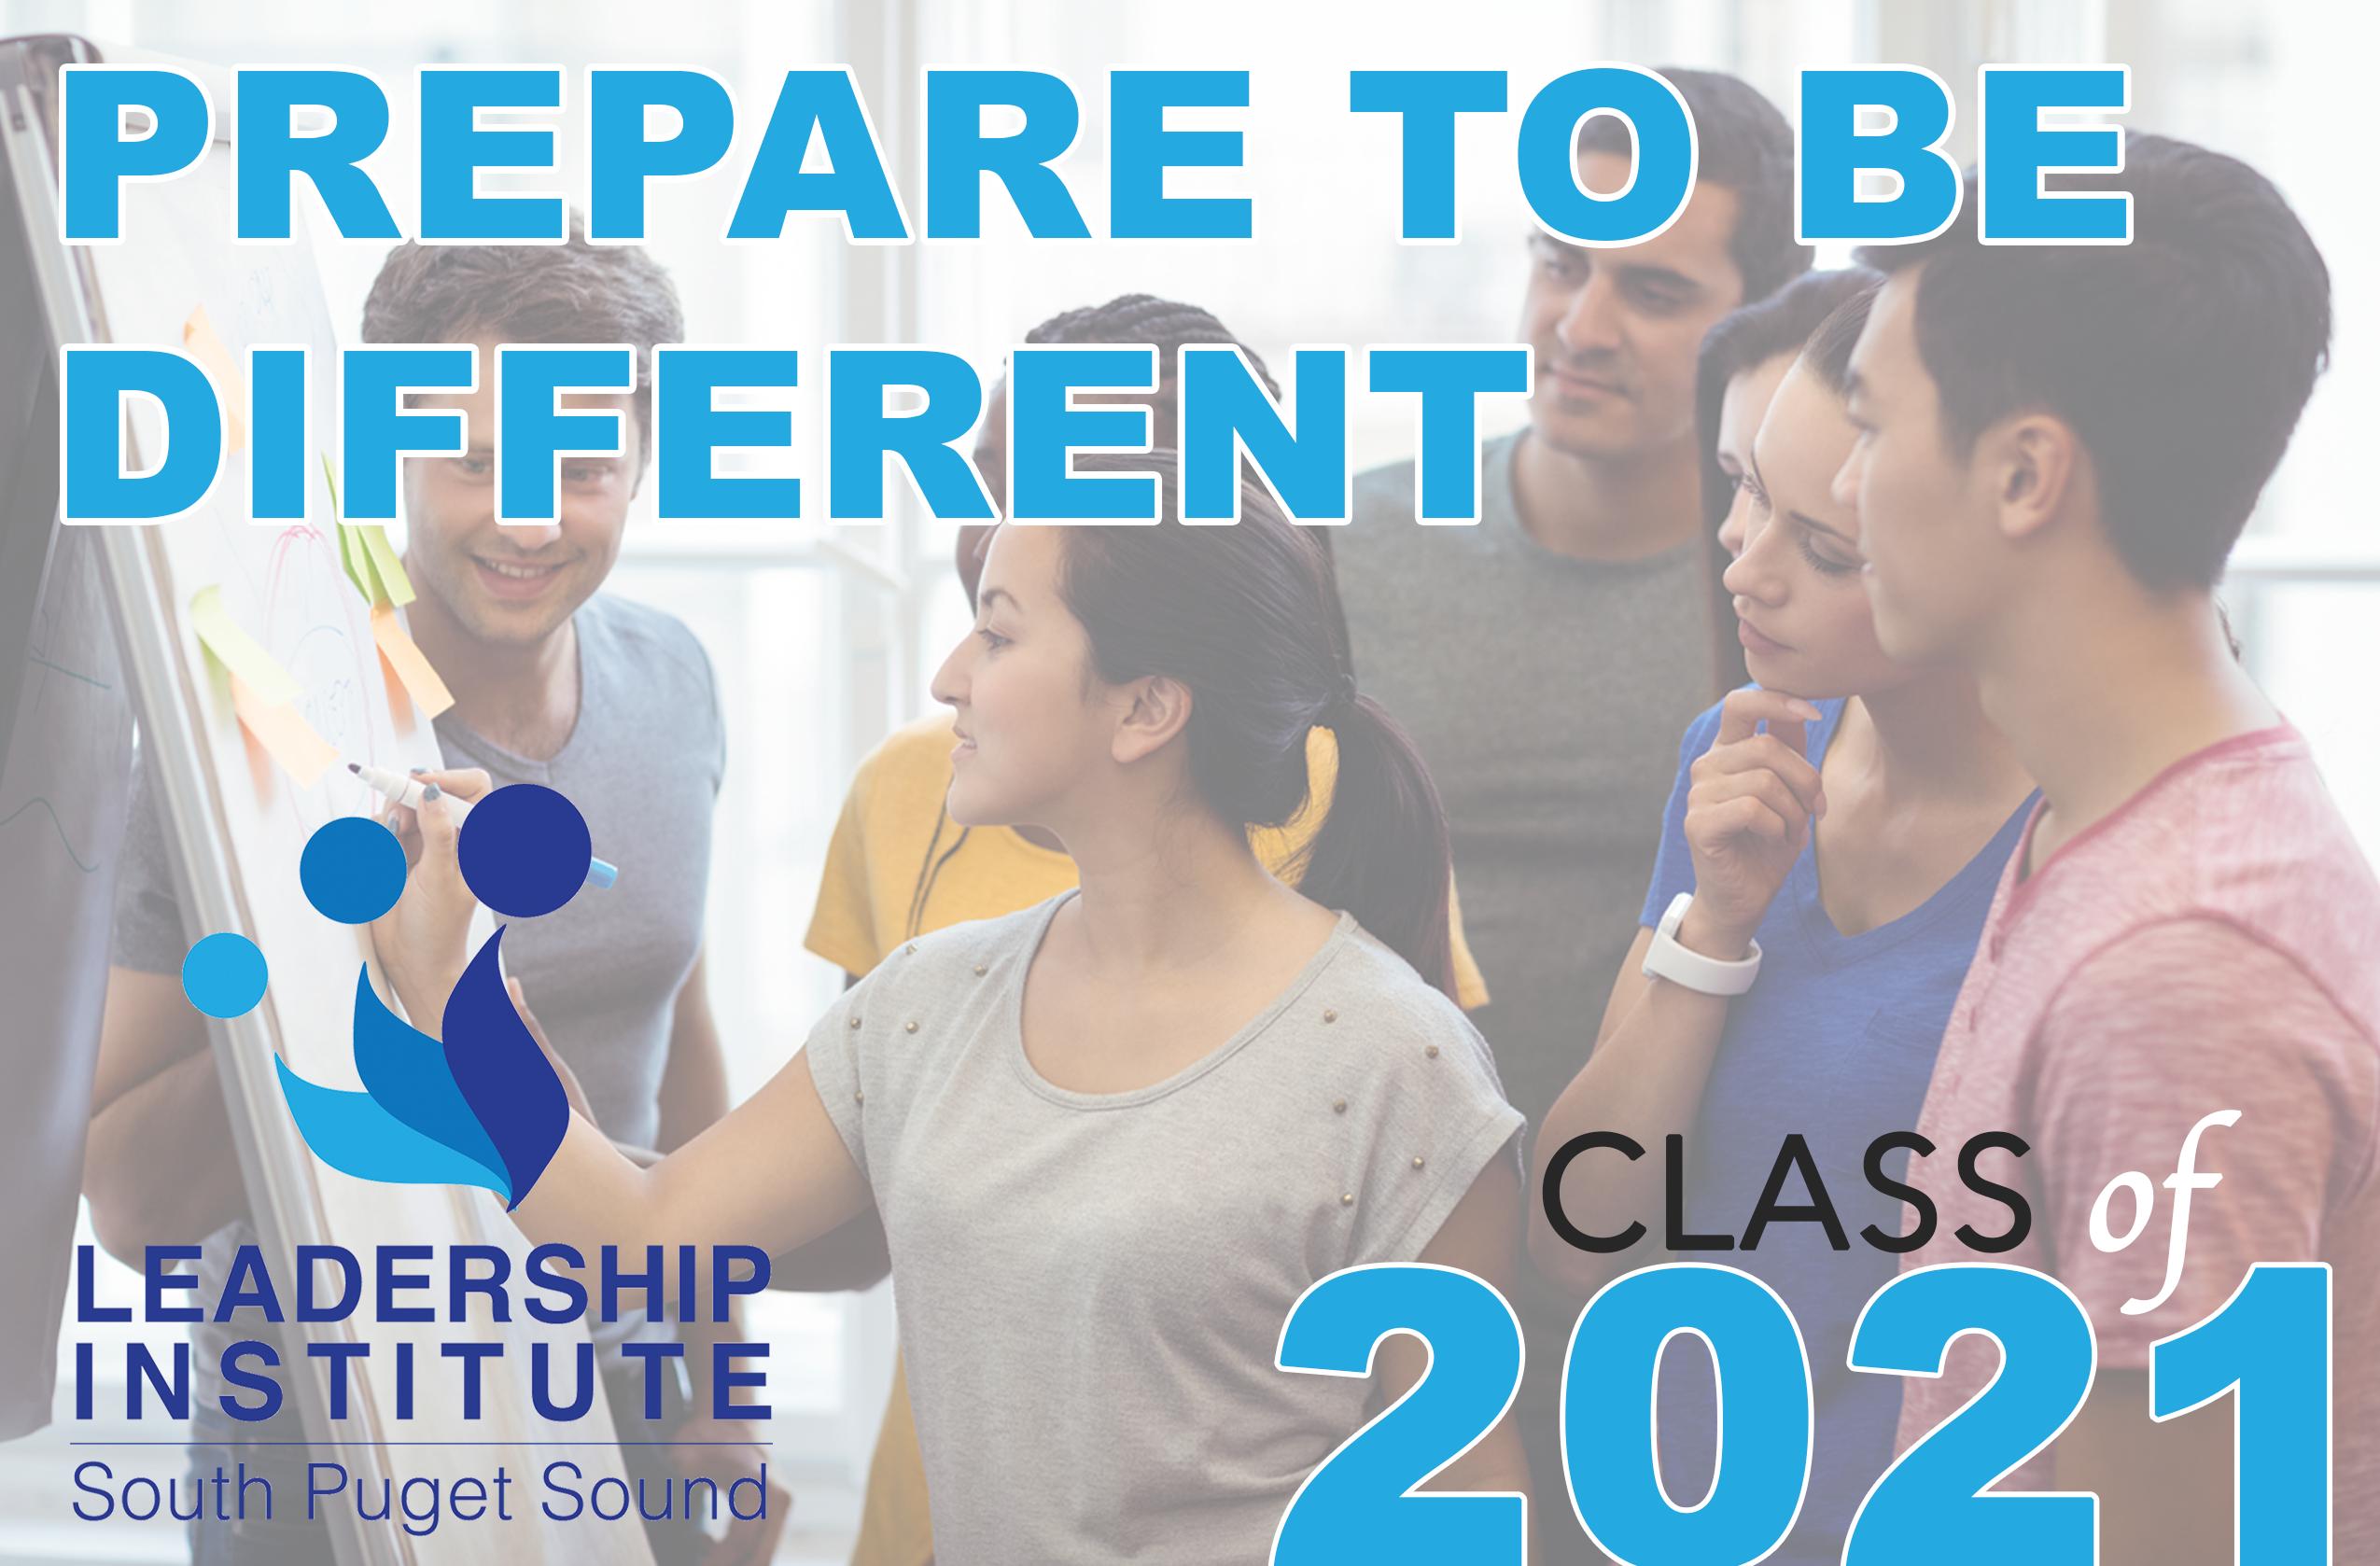 Leadership Institute 2021 image